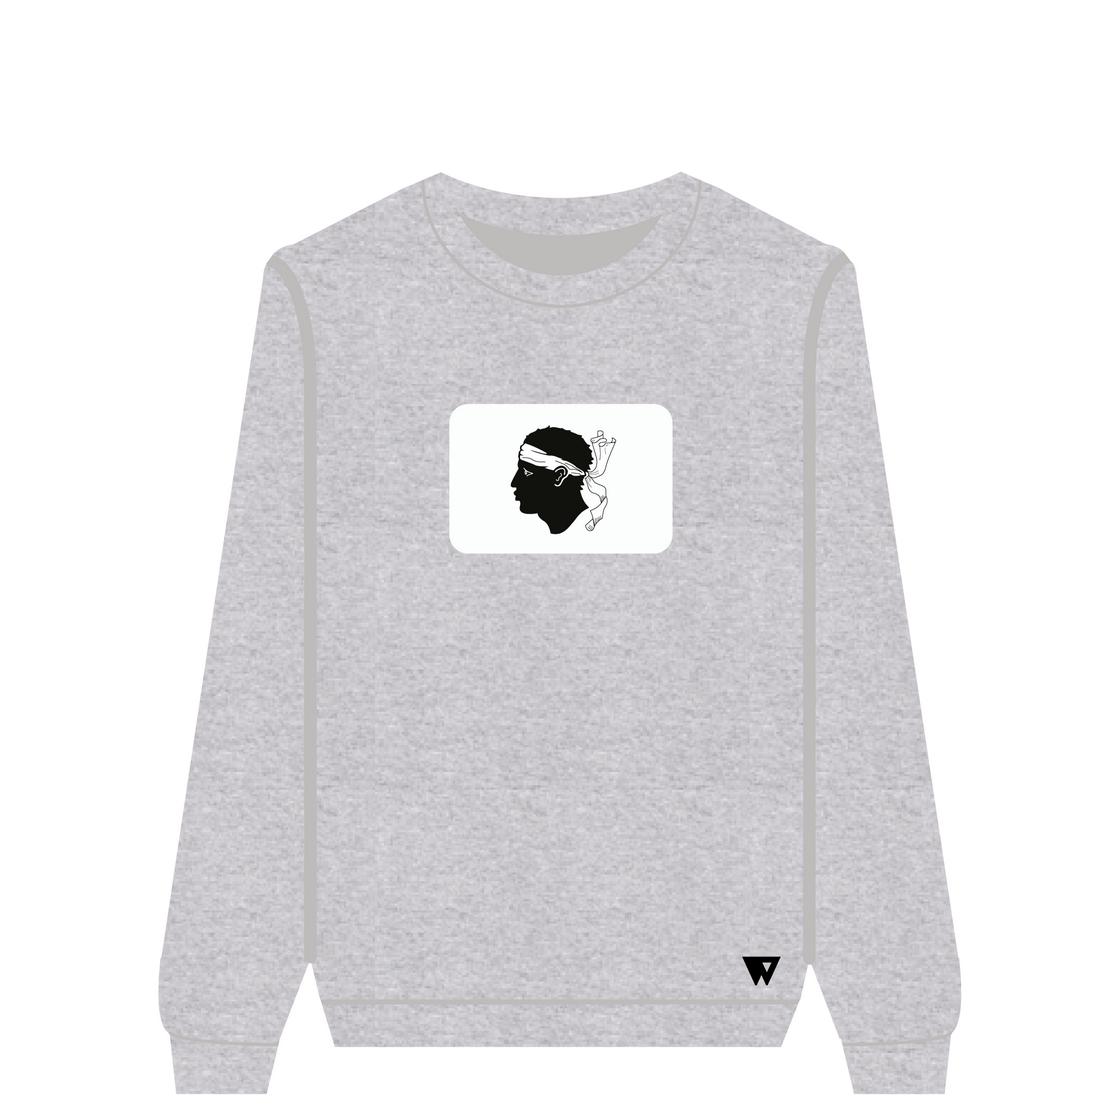 Sweatshirt Corsica | Wuzzee